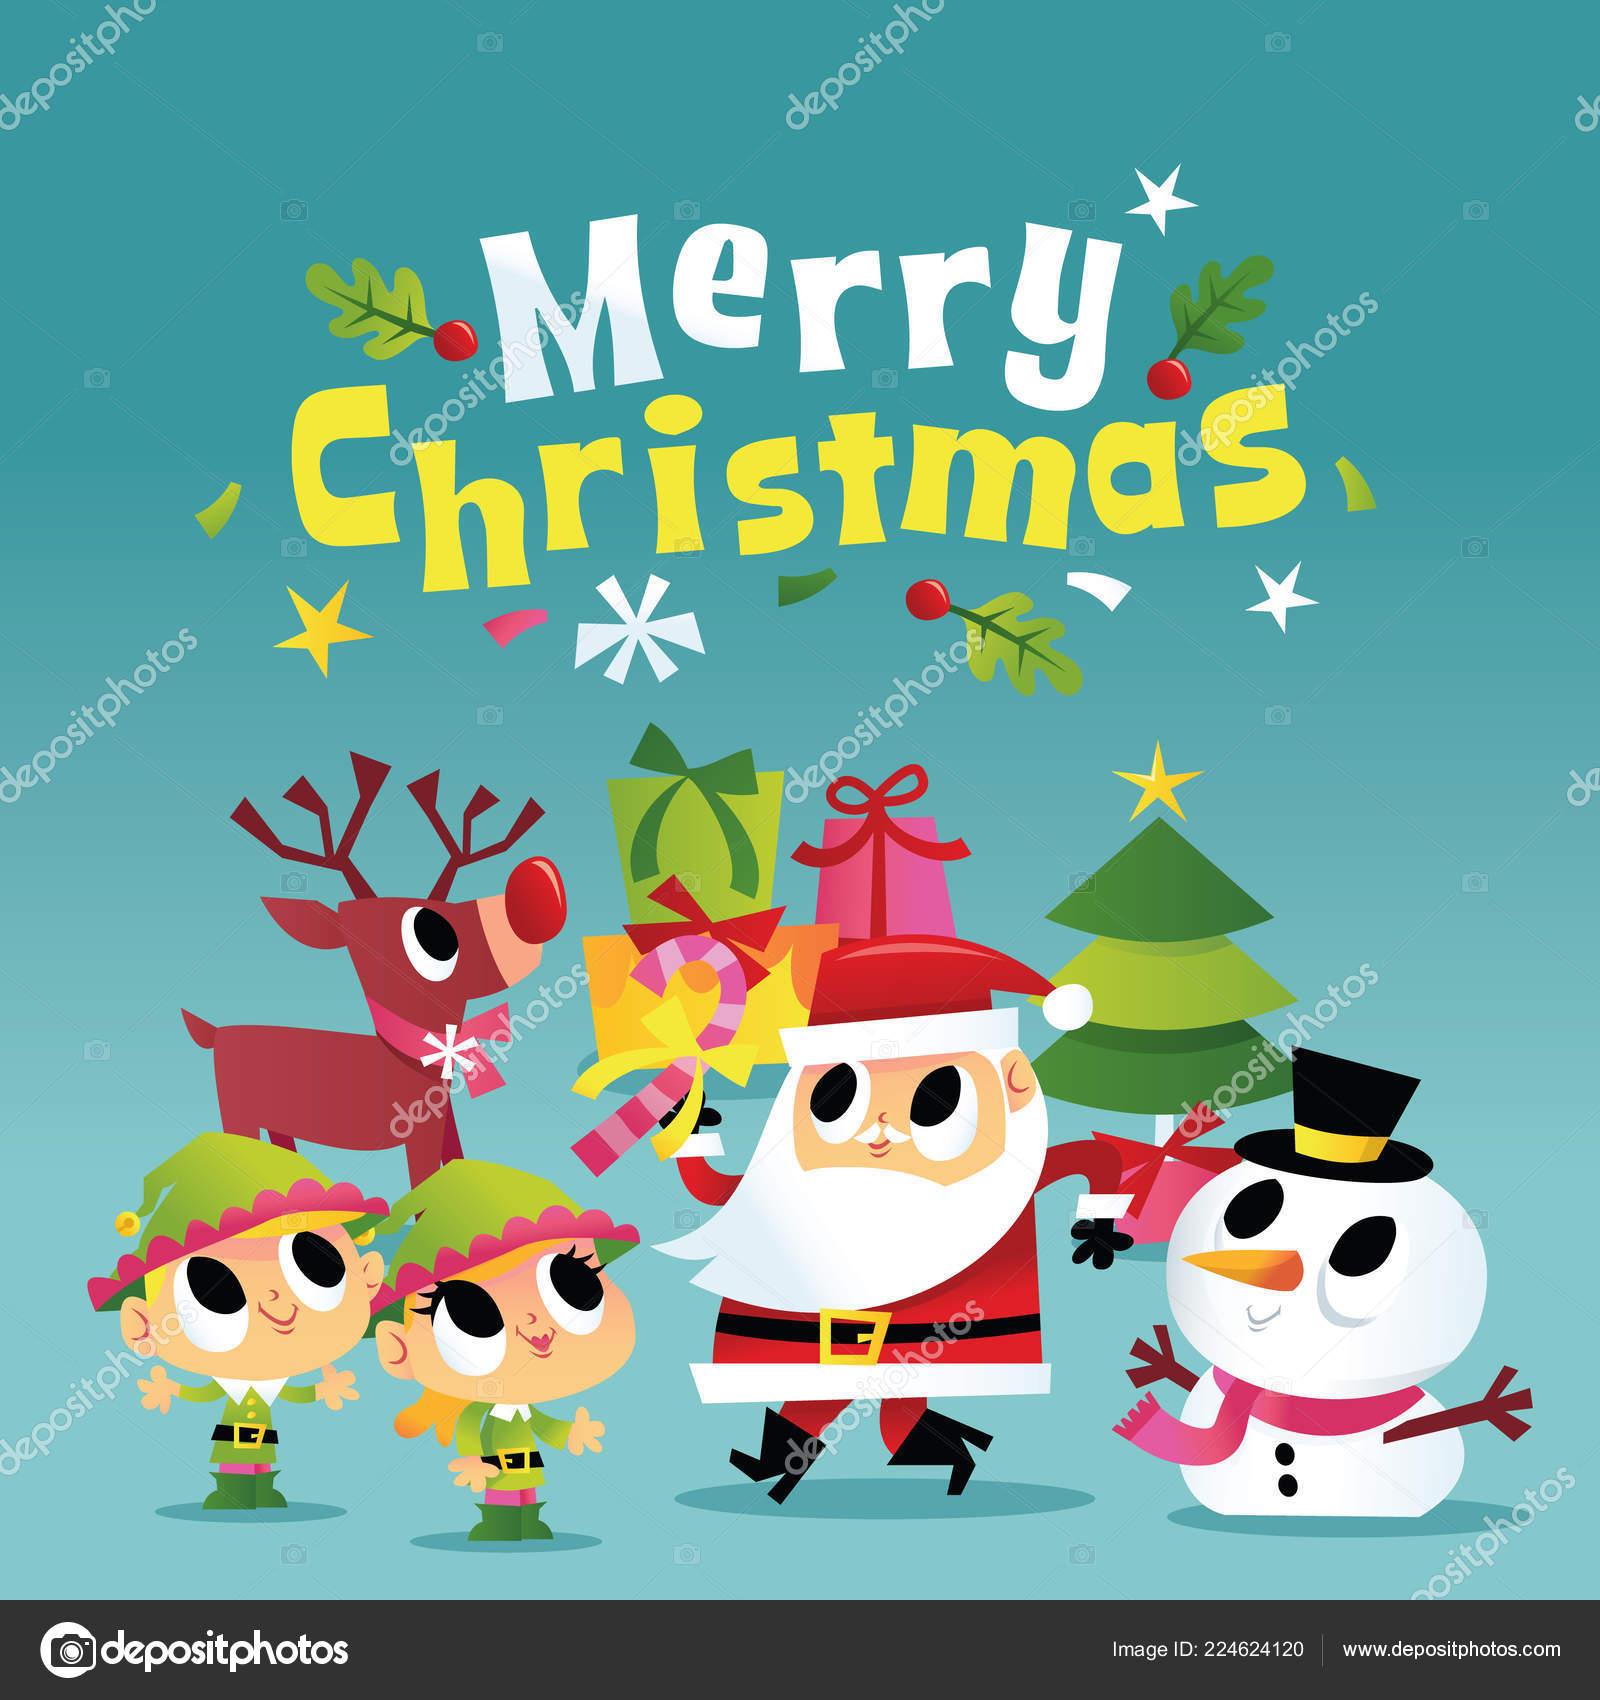 Weihnachtsfeier Cartoon.Ein Cartoon Vektor Illustration Super Nette Fröhliche